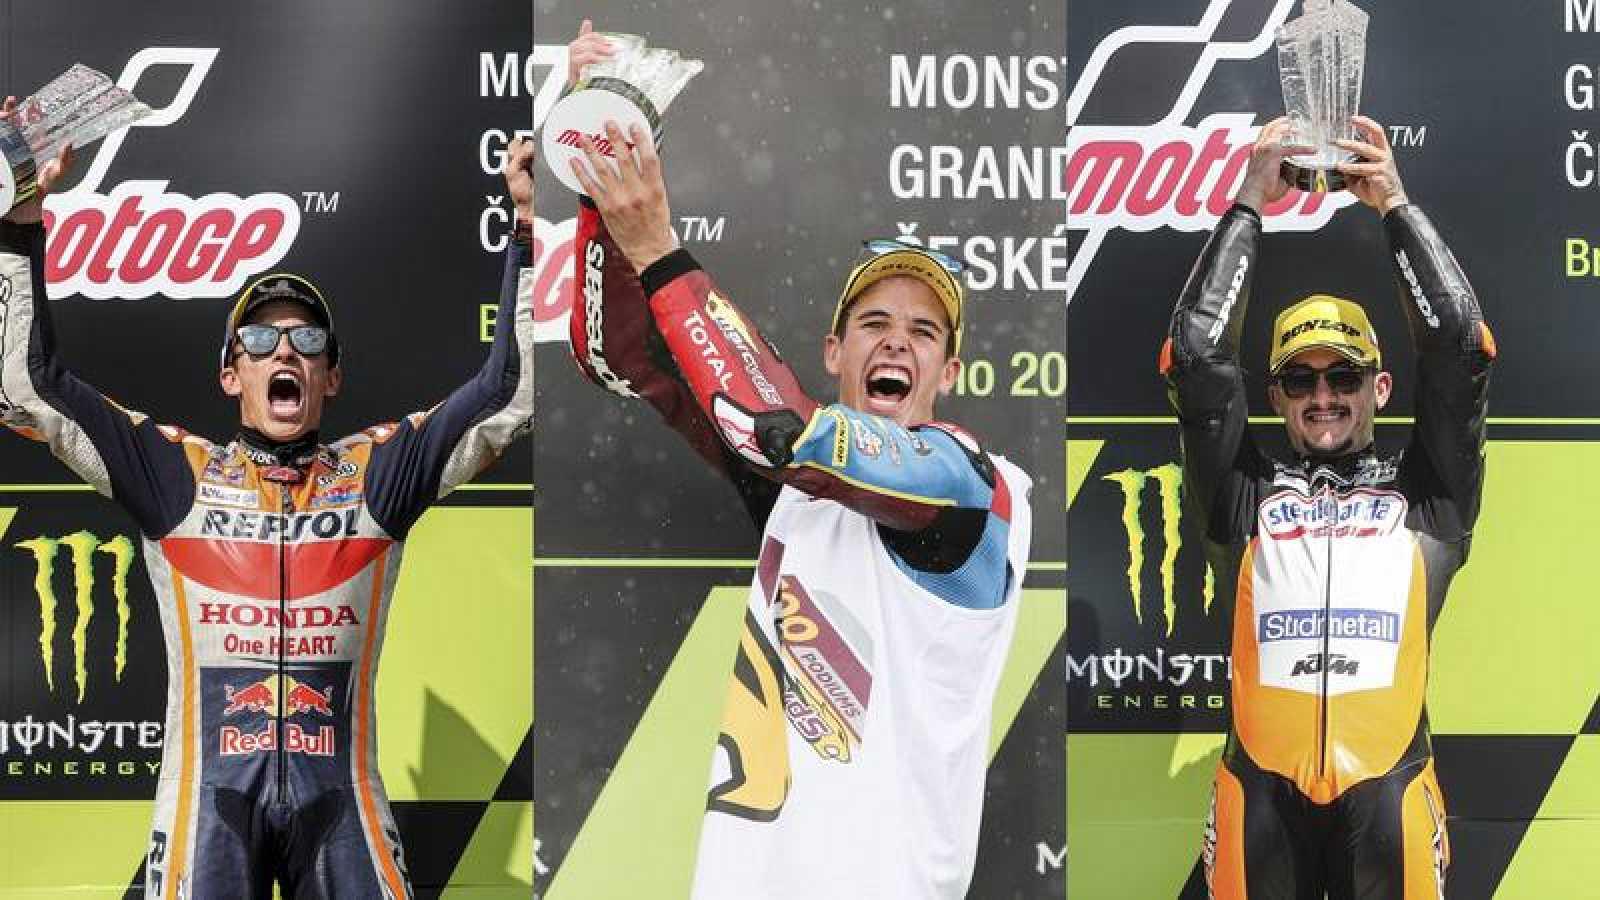 Los artífices del trigésimotercer triplete del motociclismo español